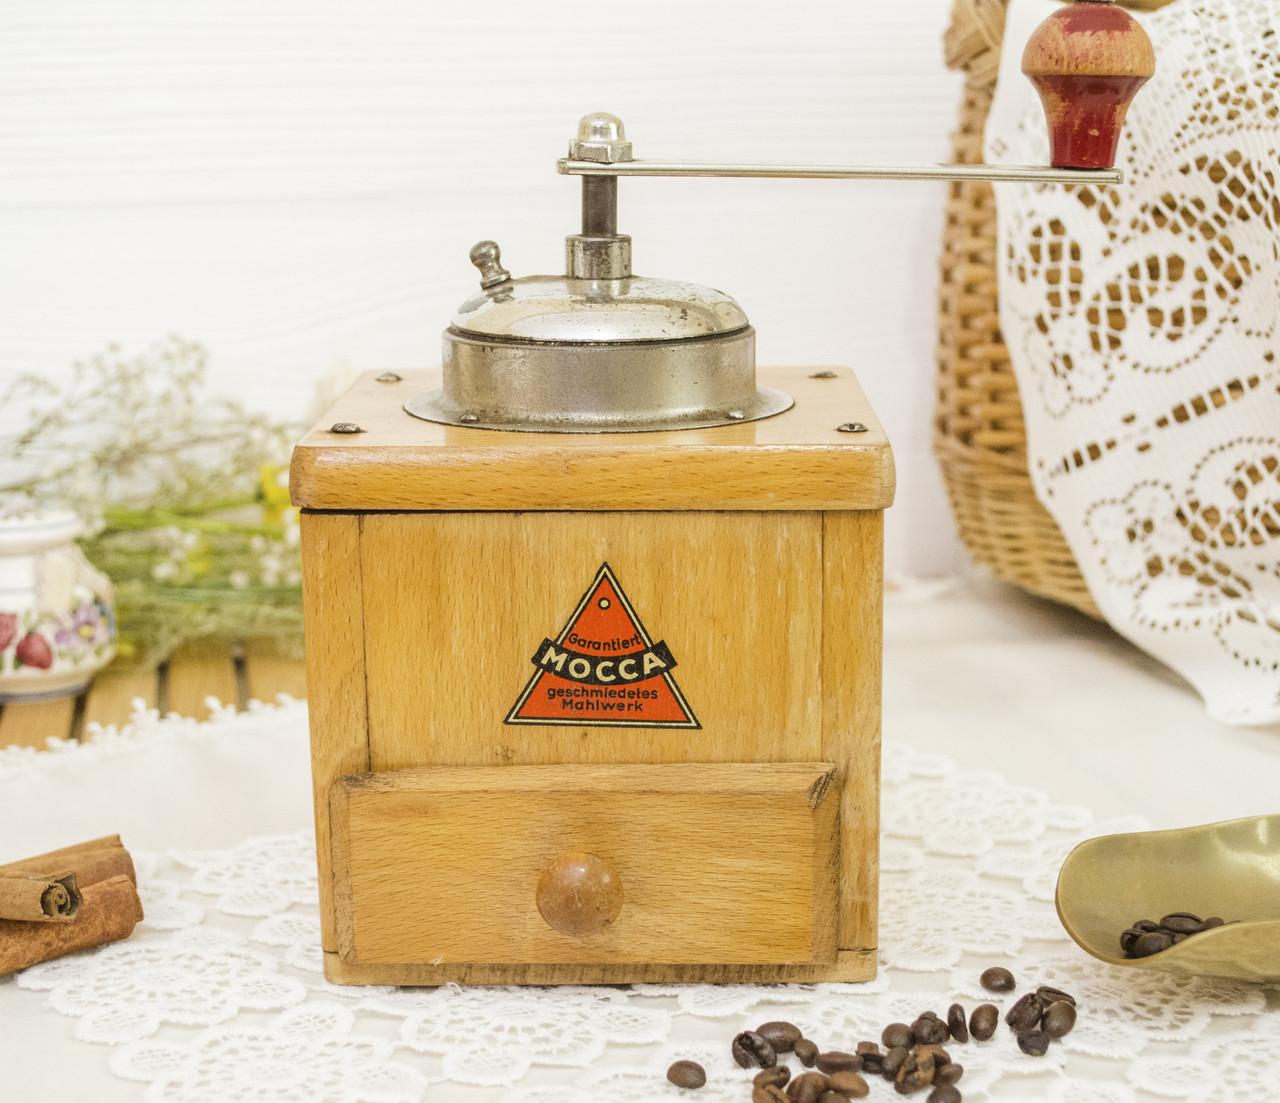 Старая немецкая ручная кофемолка, деревянный корпус, стальной механизм, Германия, Mocca geschmiedetes Mahlwerk